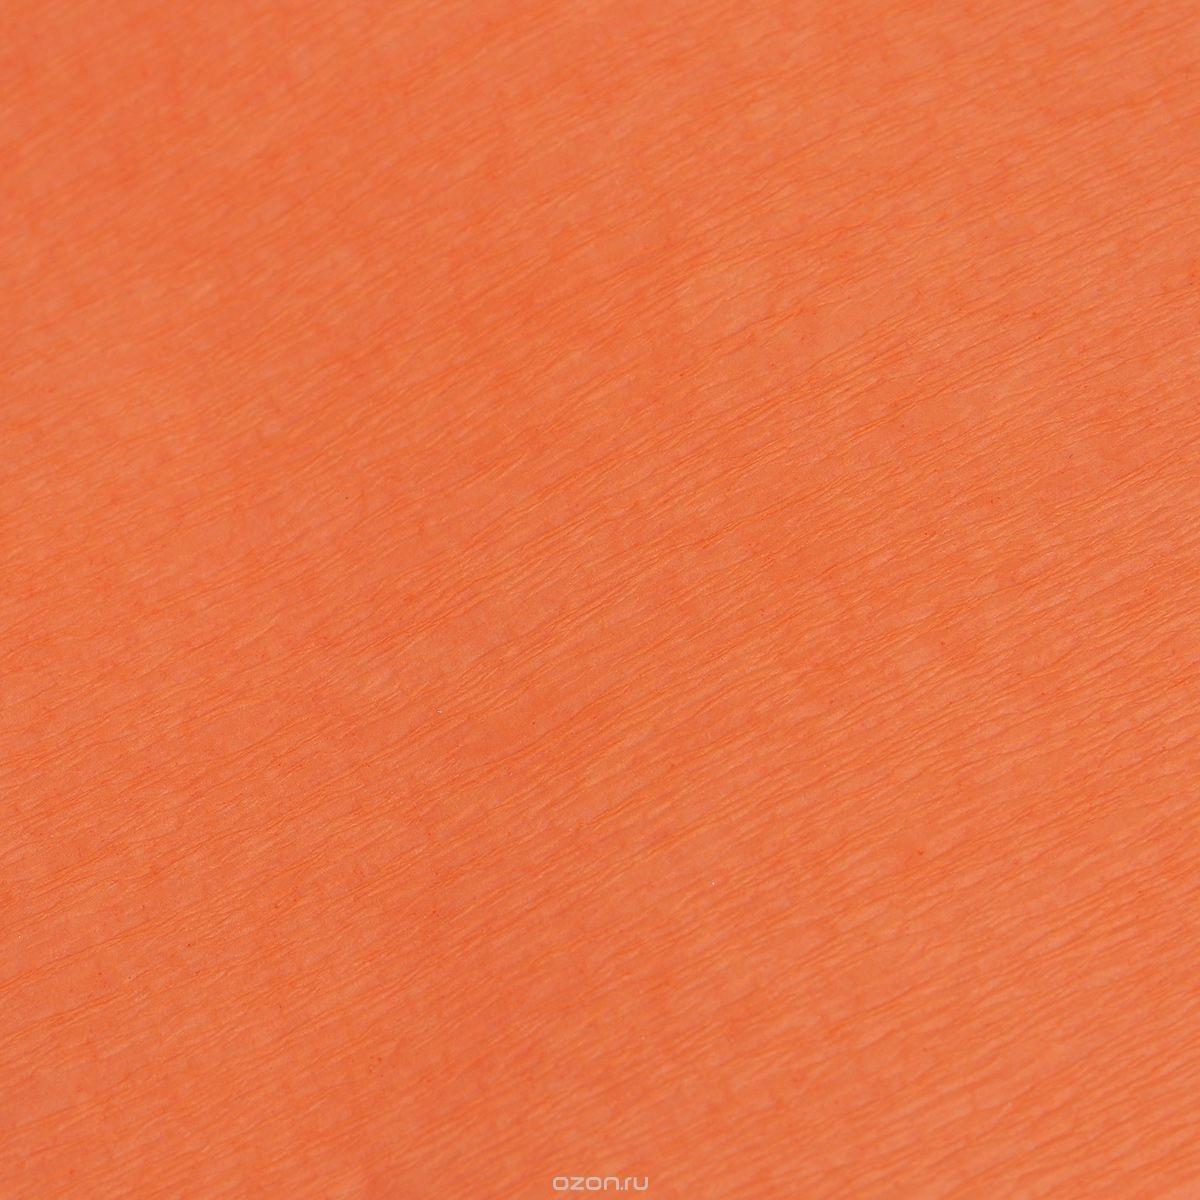 Гофрированная бумага Koh-I-Noor, оранжевая (200x50 см)